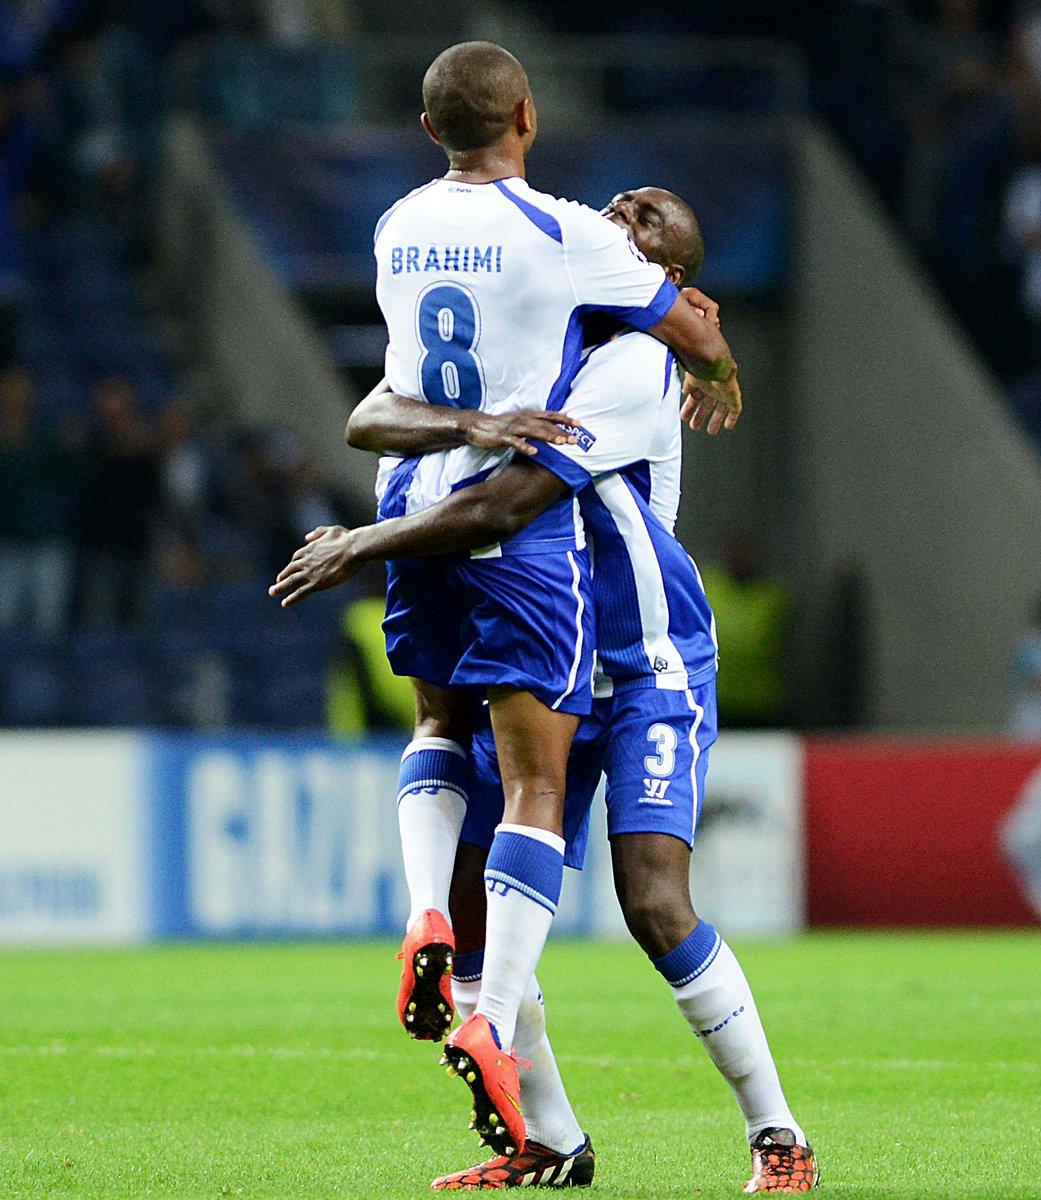 Fc Porto On Twitter Joyeux Anniversaire Brahimi 25 Et Martins